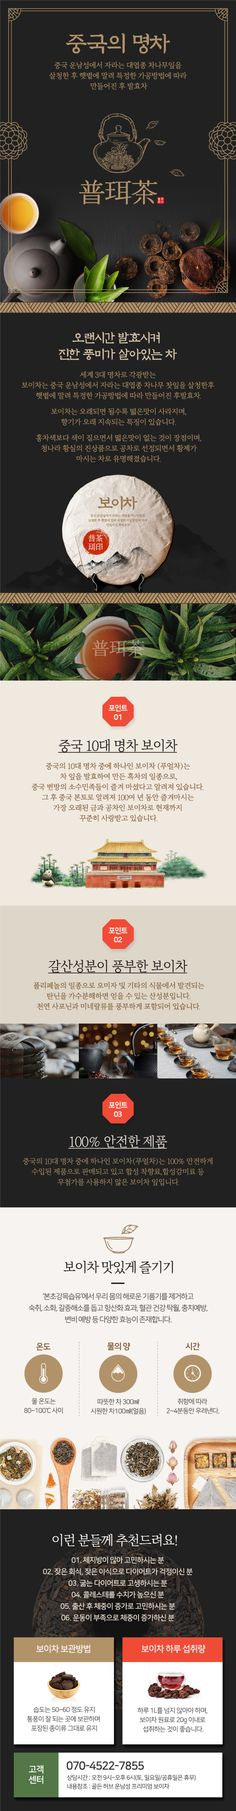 Page Design, Web Design, Graphic Design, Newsletter Design, Flower Aesthetic, Detail, Digital, Food, Design Web